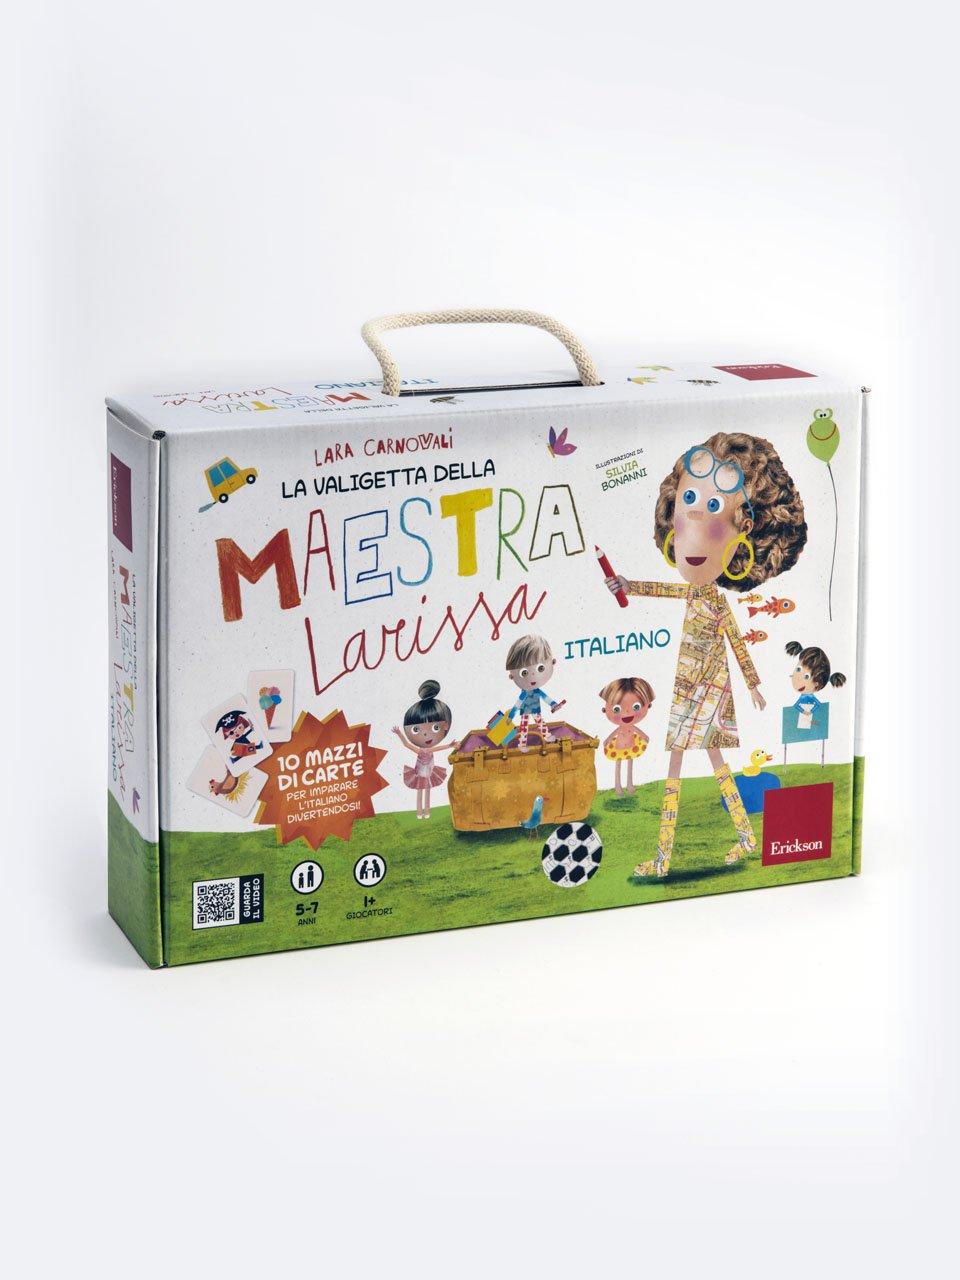 La valigetta della Maestra Larissa - Schede per Tablotto (6-8 anni) - Grammatica incant - Giochi - Erickson